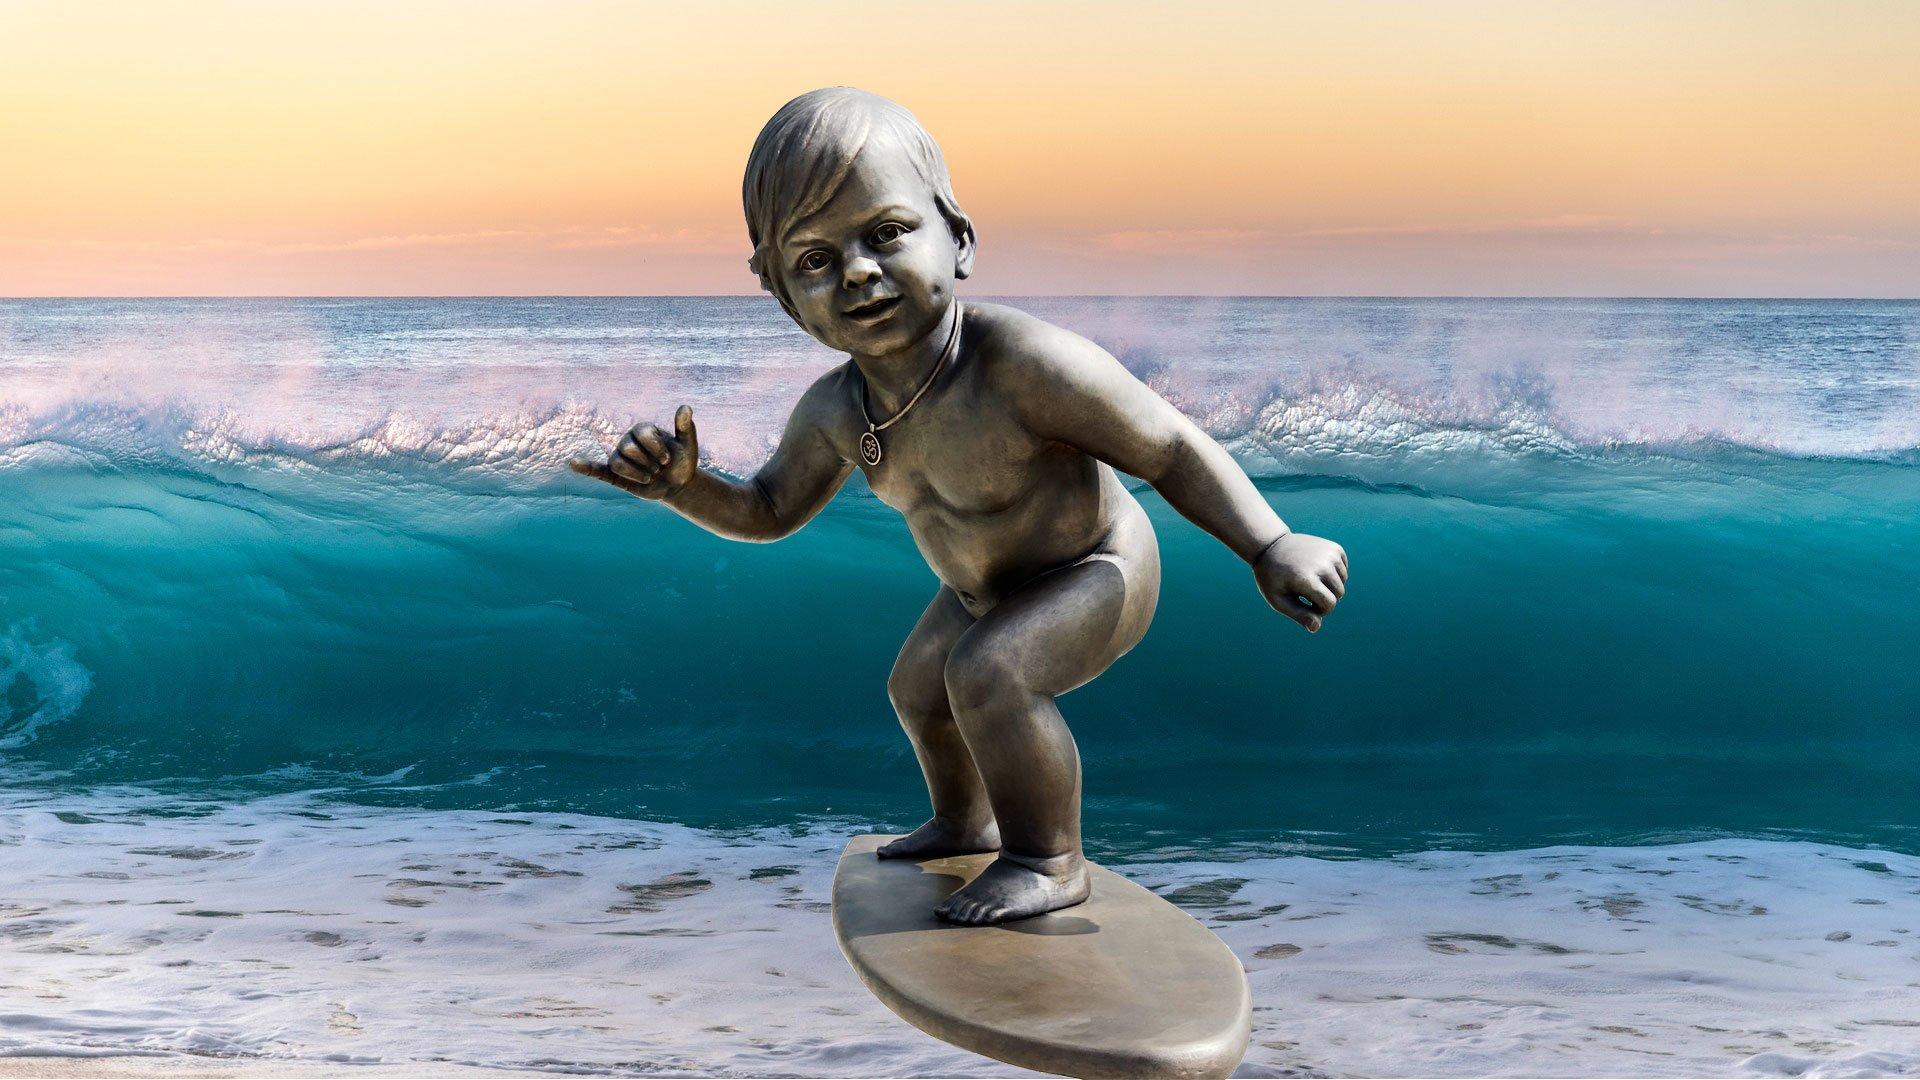 Спортивный арт объект Киева – Малыш серфер.